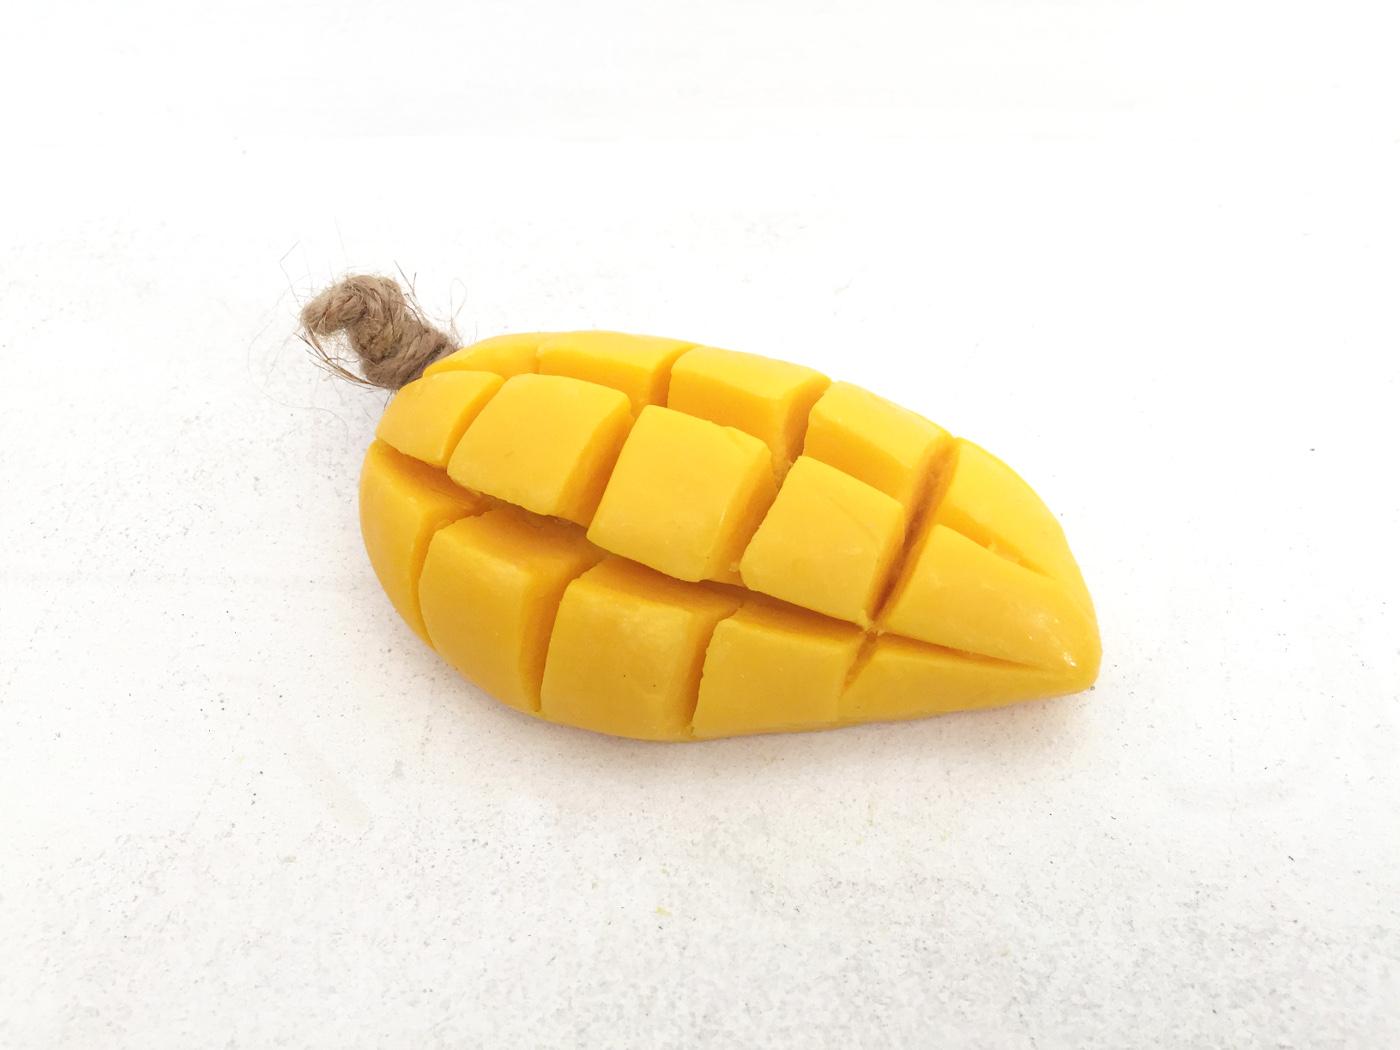 マンゴー型石鹸の写真